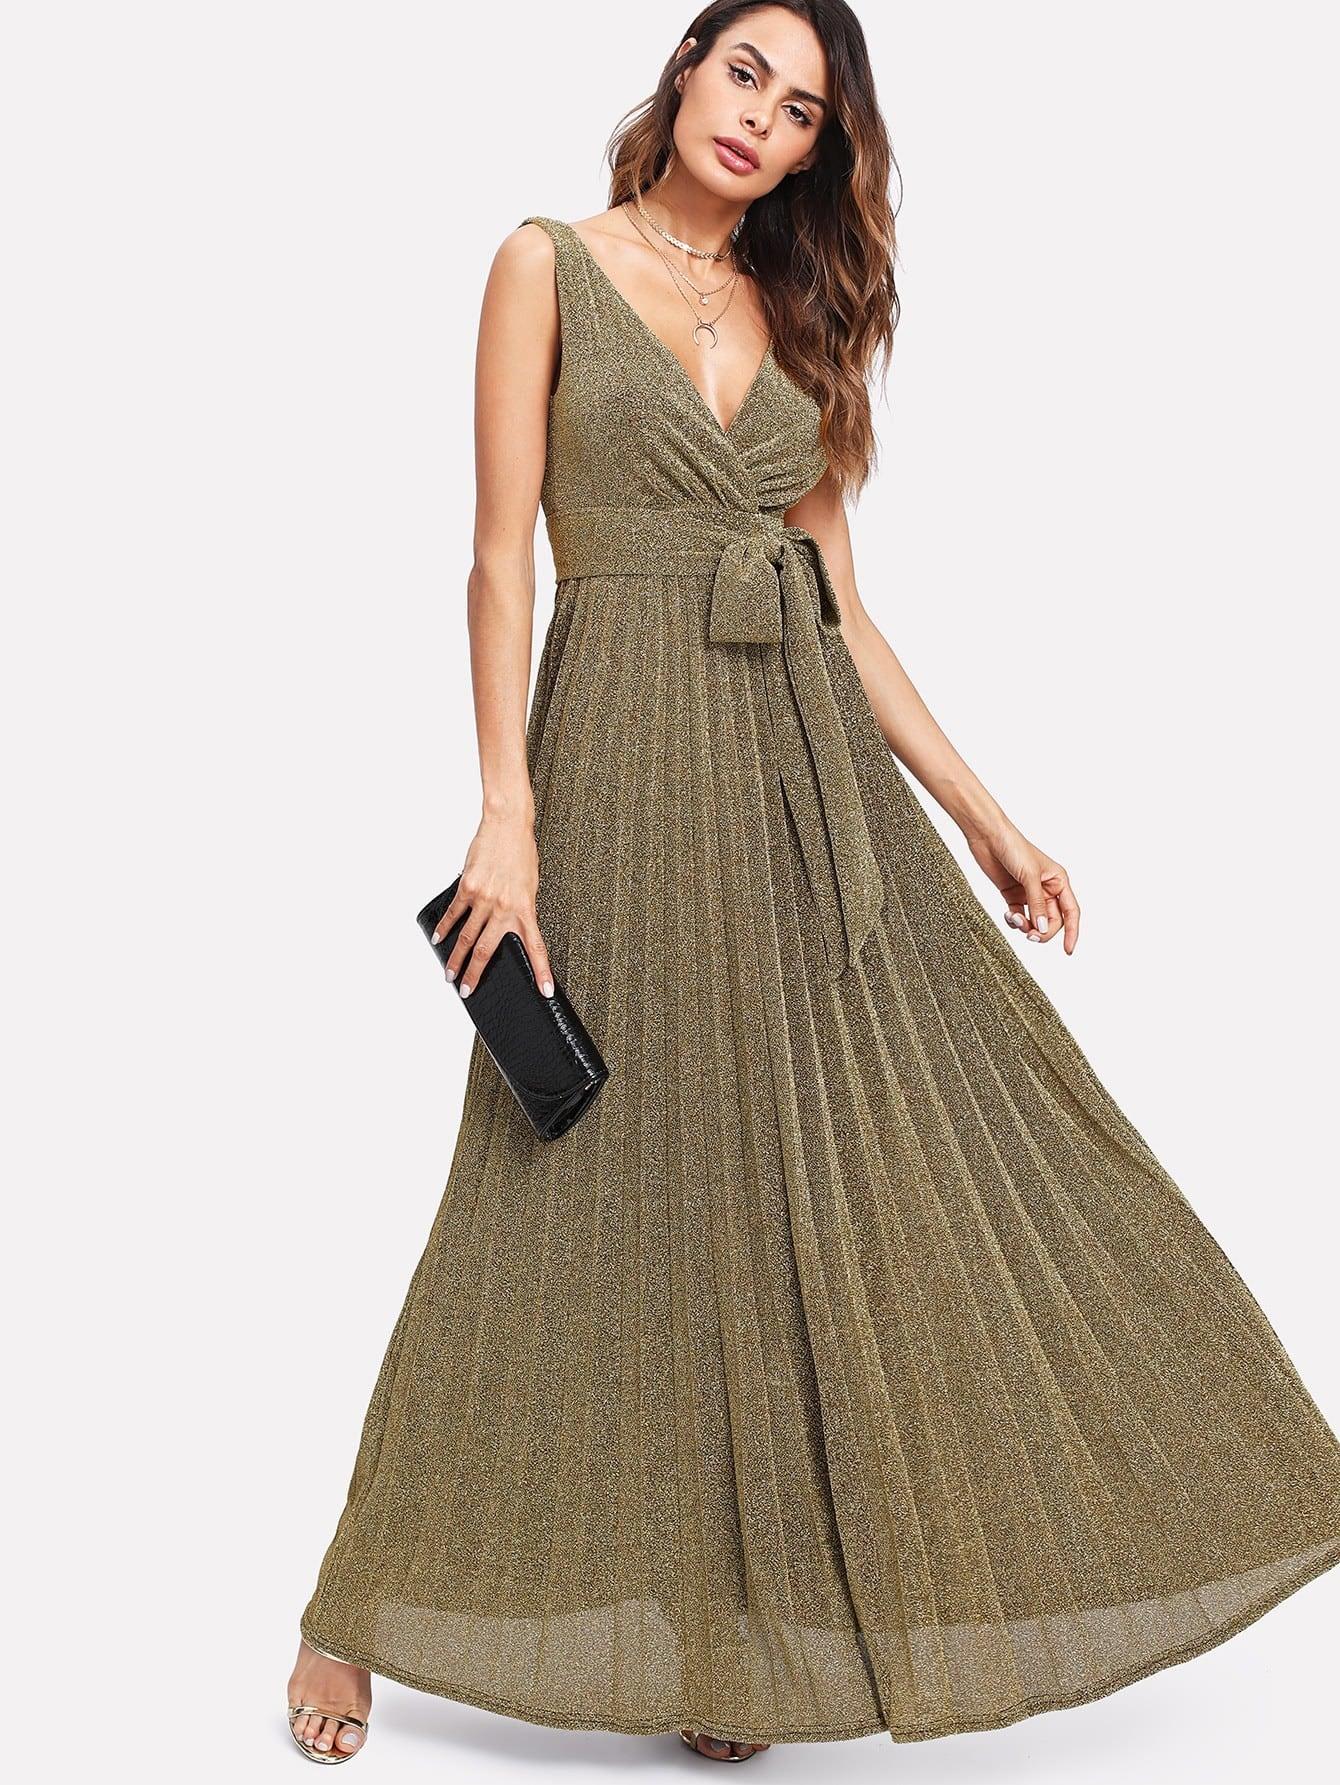 Self Belted Glitter Pleated Surplice Dress surplice neck self belted floral dress